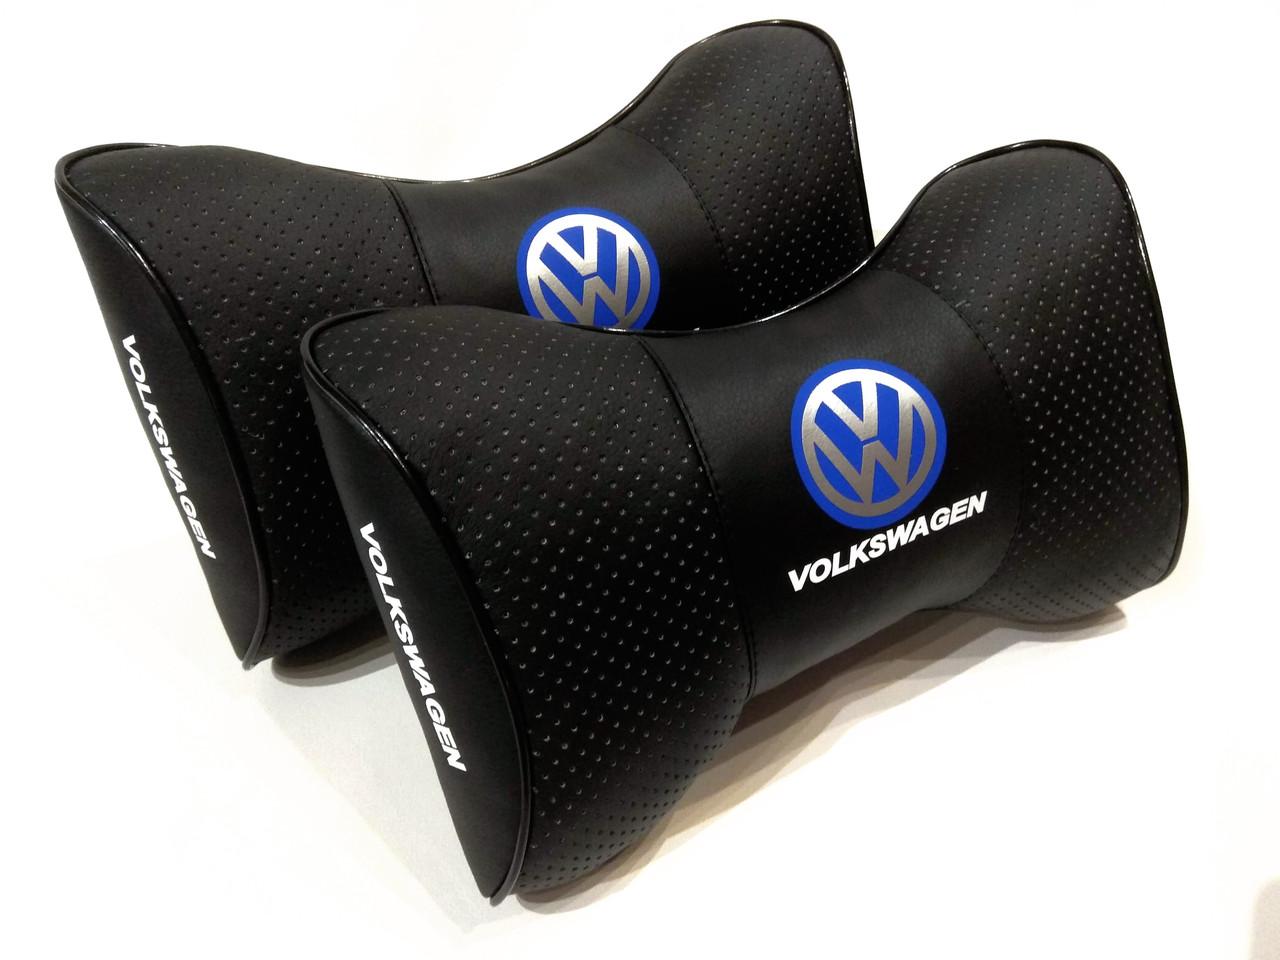 Качественная автомобильная подушка под шею водителю Подушка на подголовник с логотипом VOLKSWAGEN